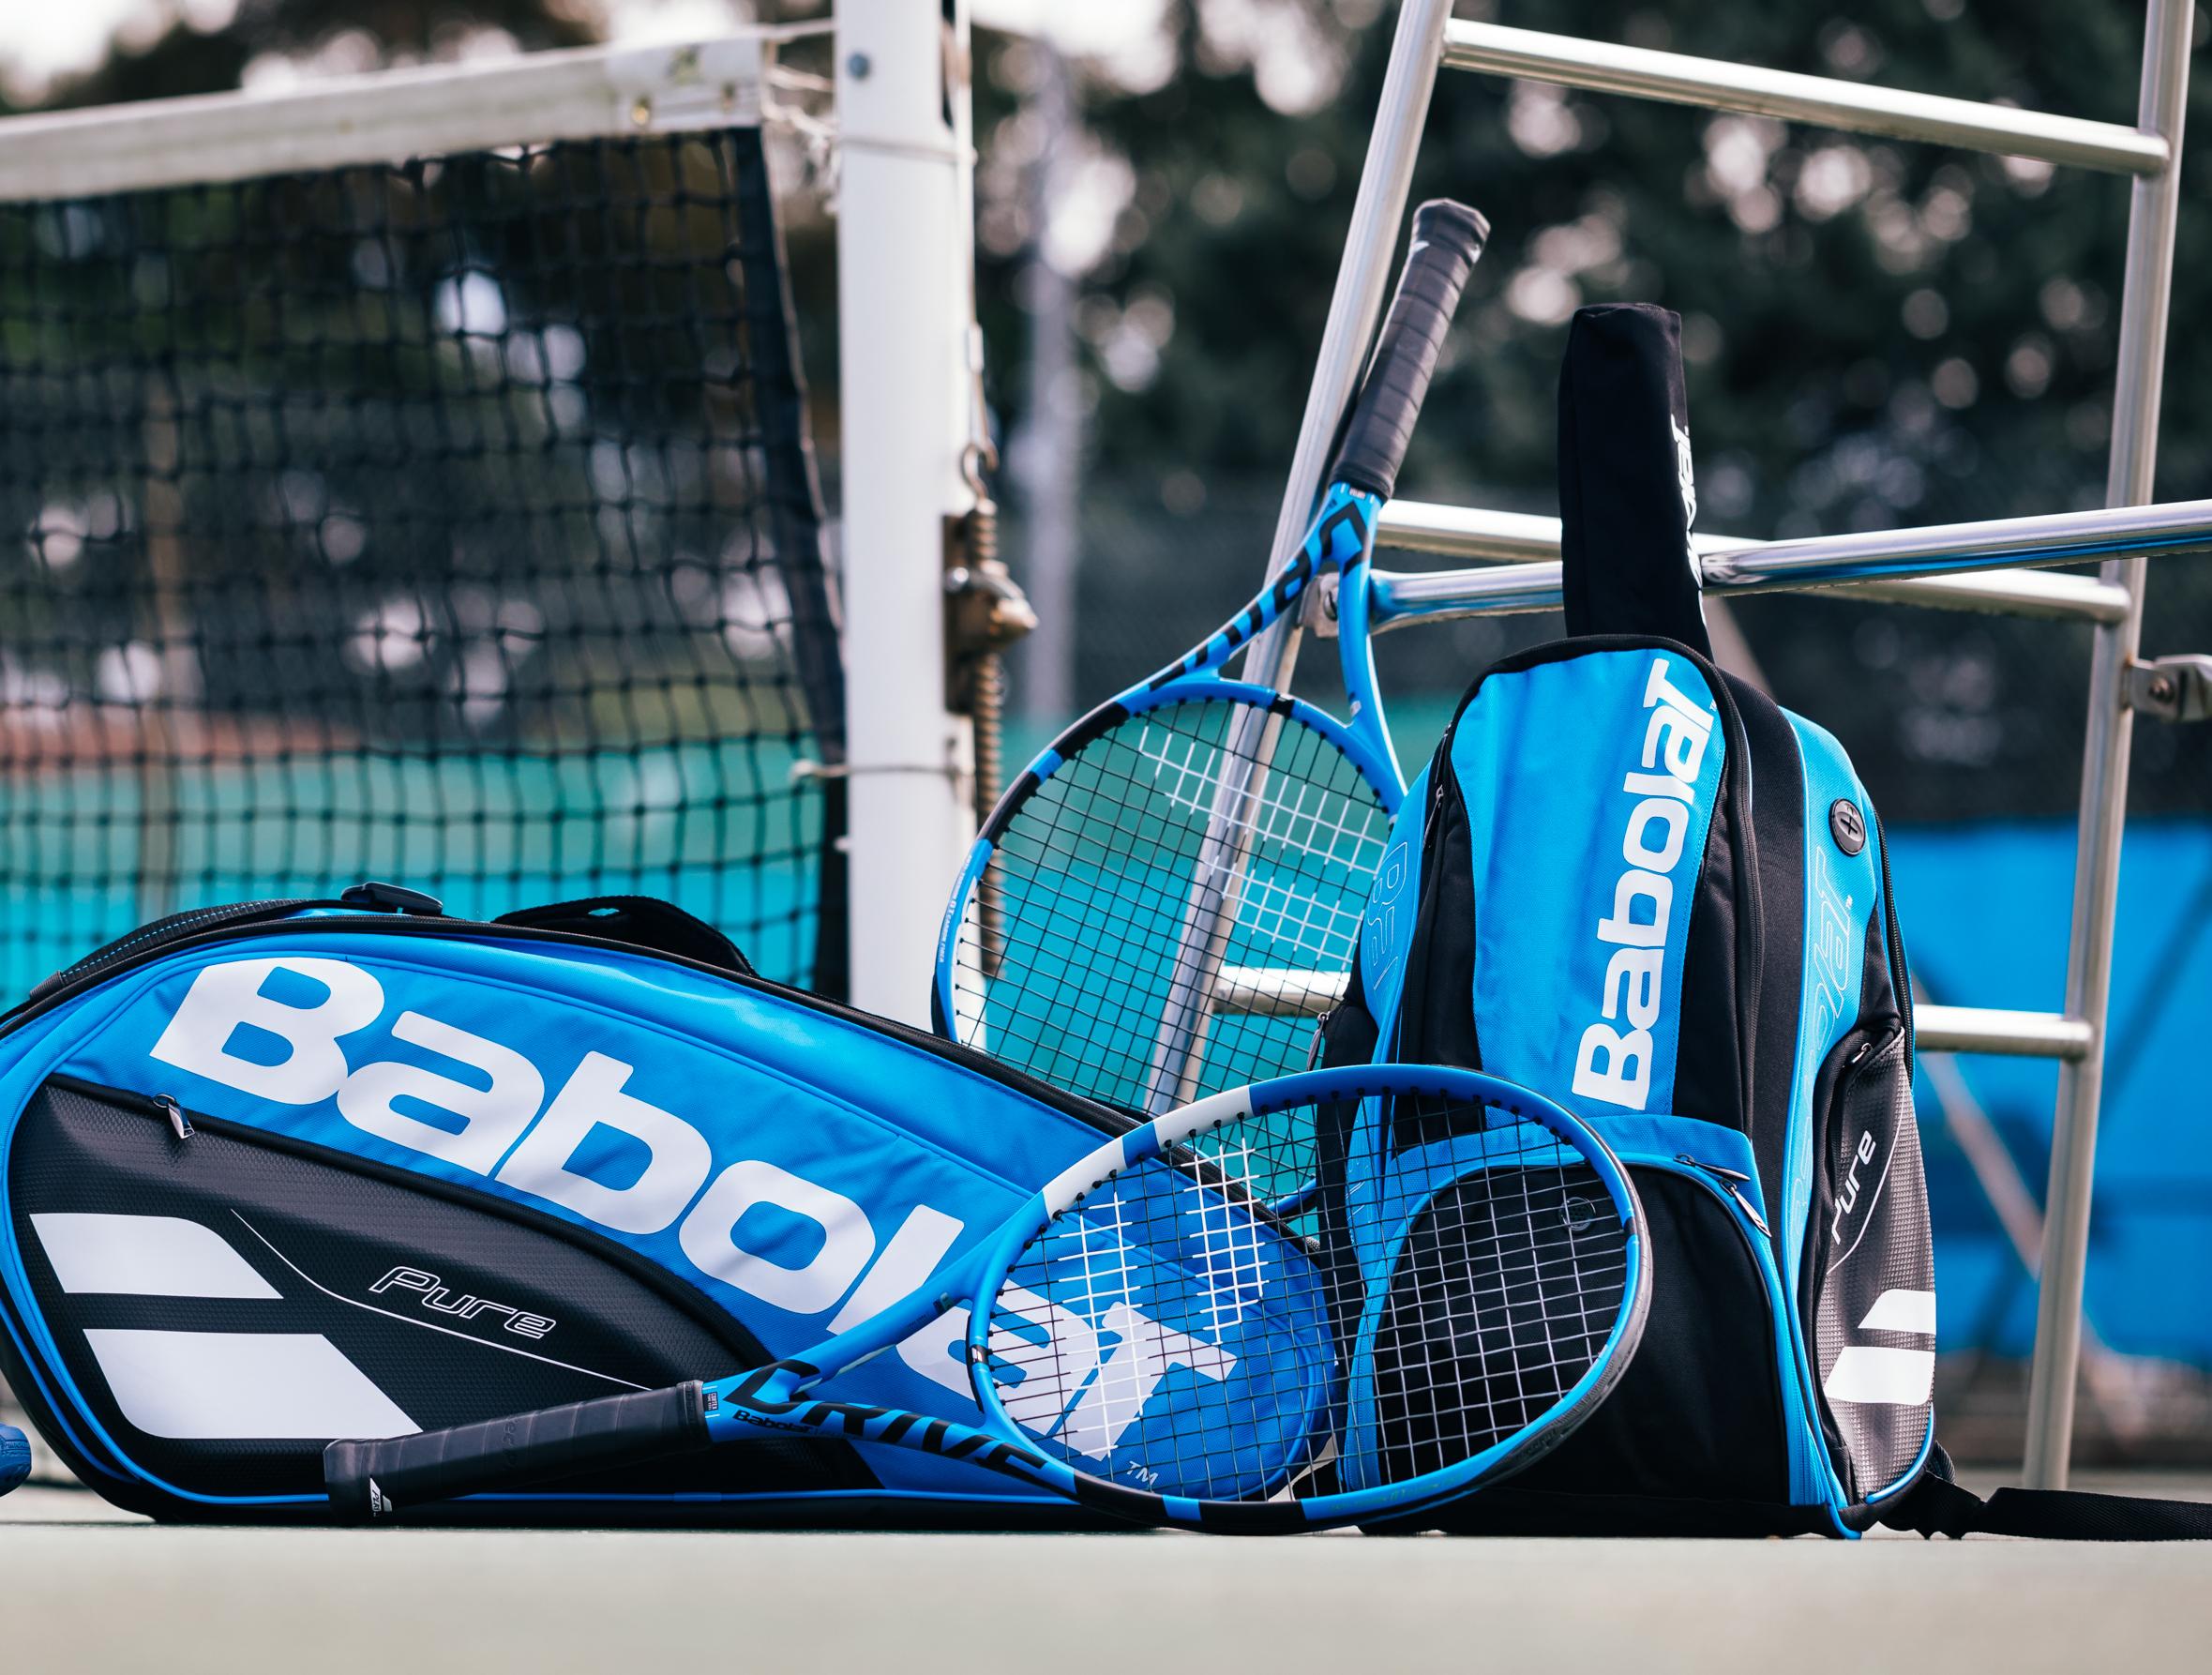 Tennis Gear Banner